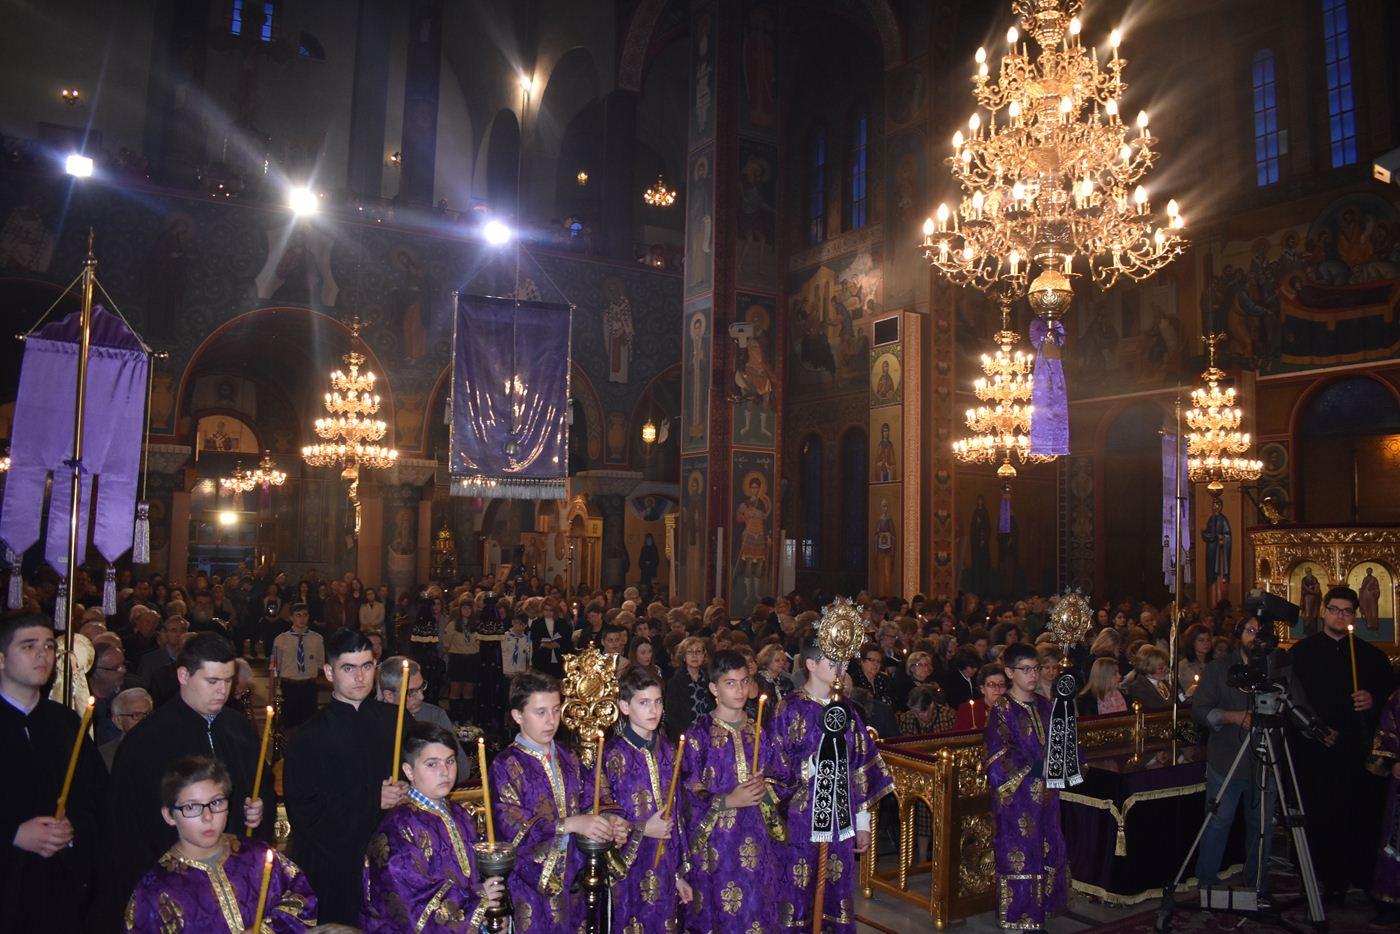 Εκατοντάδες πιστοί στην κορύφωση του Θείου Δράματος στον Ι.Ν. Αγίου Νικολάου στη Λάρισα (φωτο)